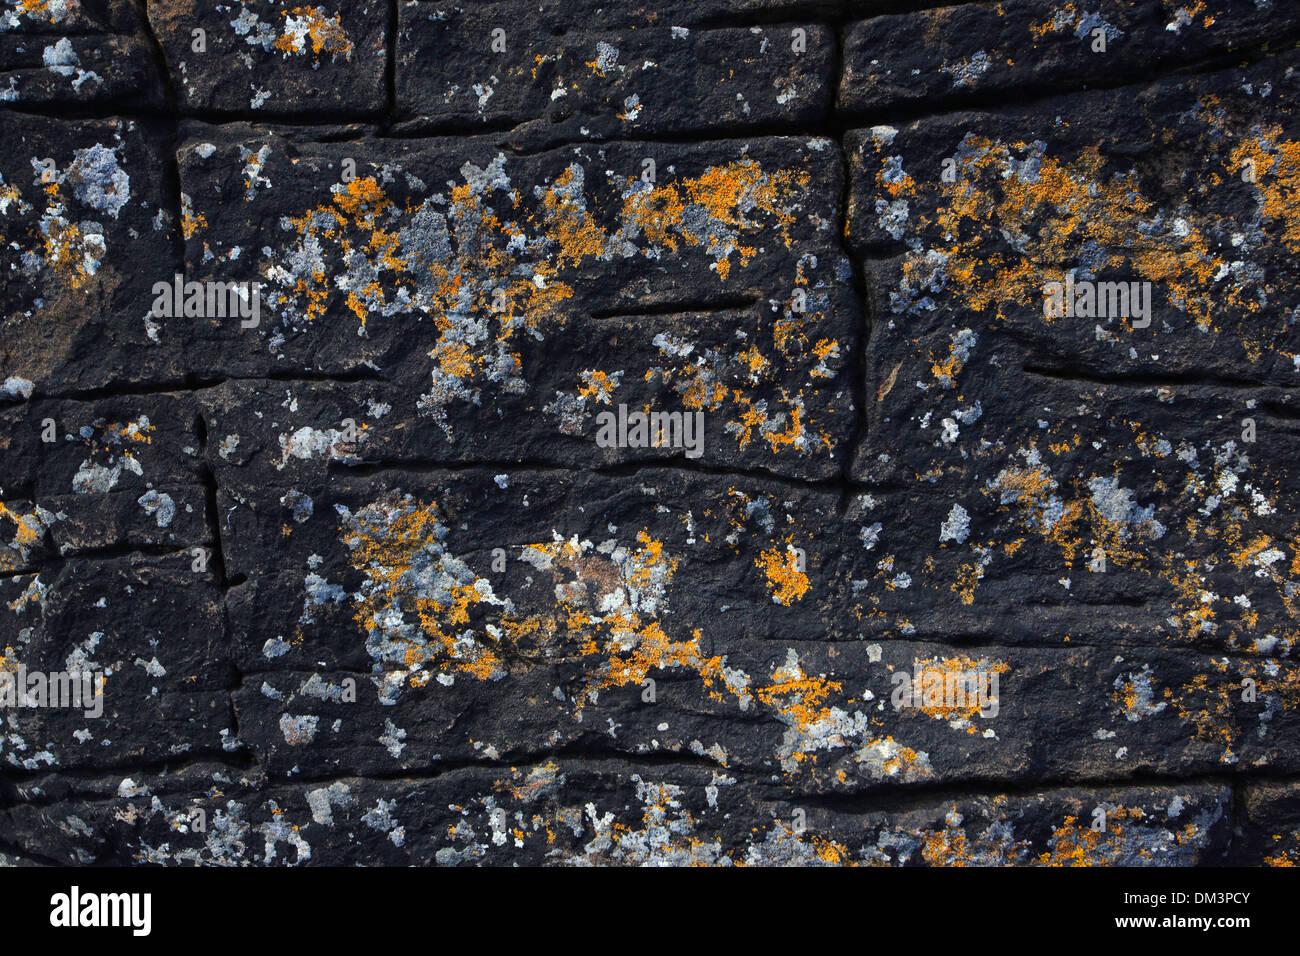 Detail, Steilküste, Küste, Muster, Schottland, Stein, abstrakte, bunten, grafischen, Orange, Flechten, Stockbild